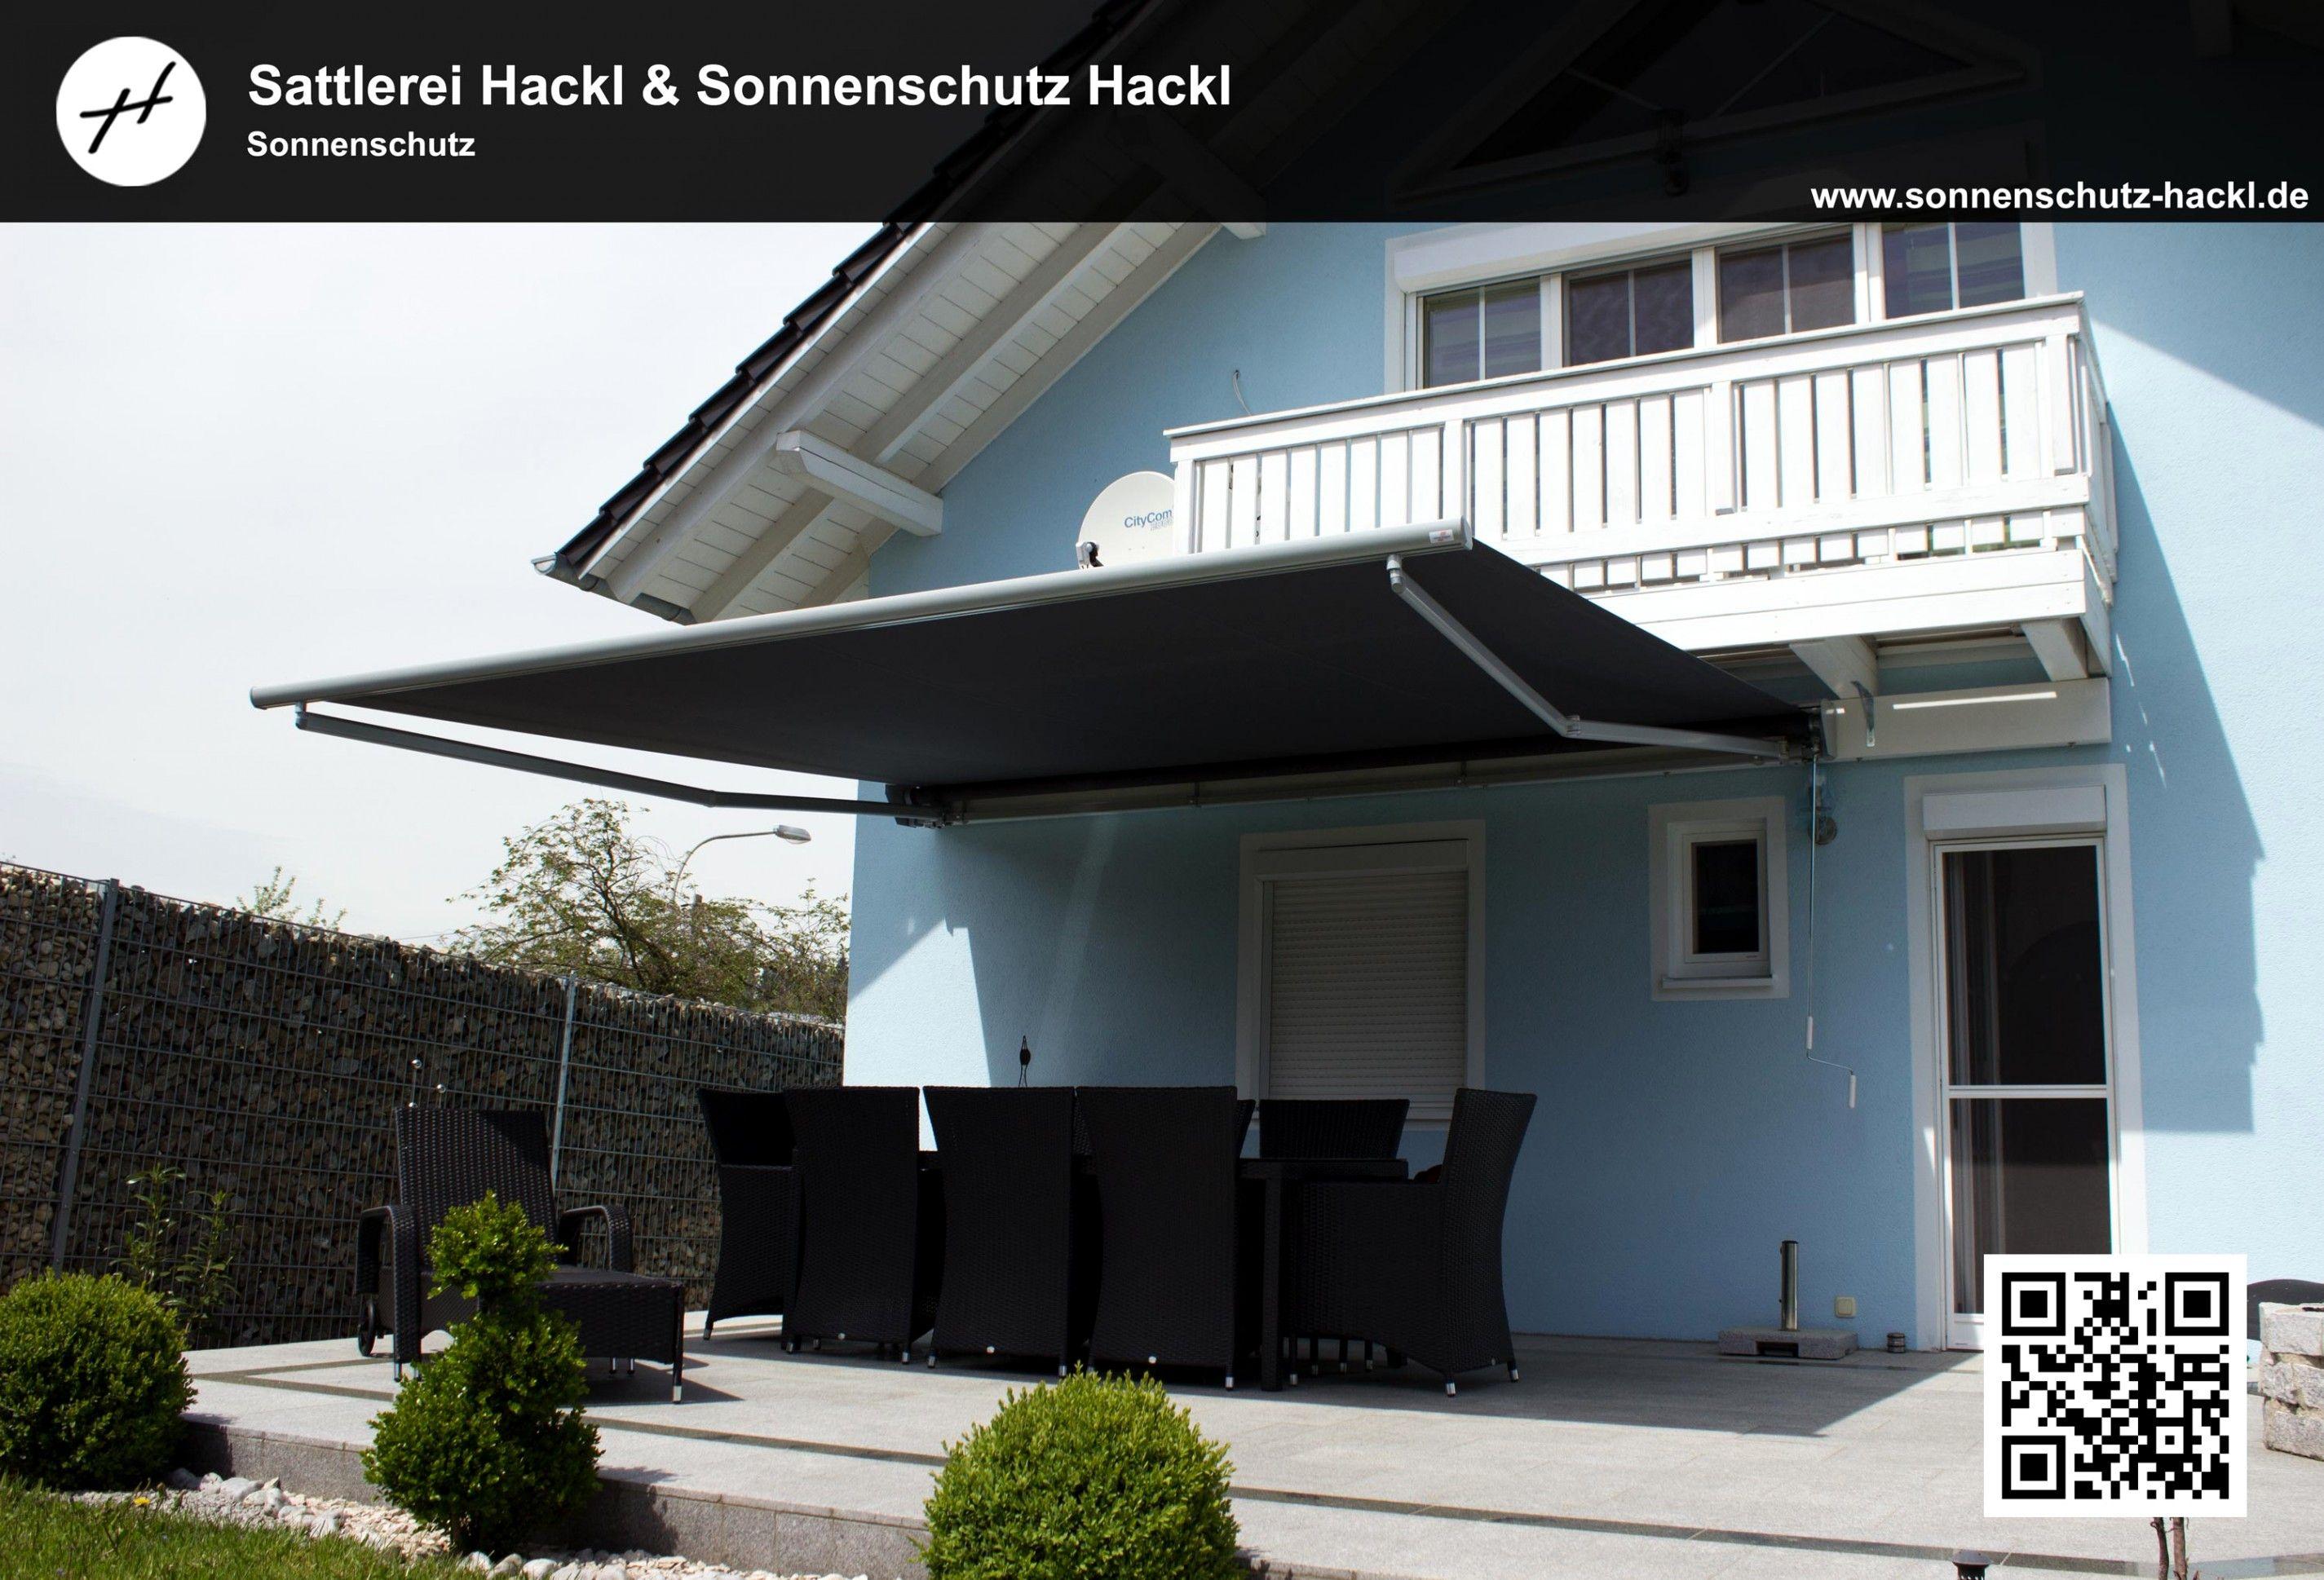 Schön Sonnenschutzrollo Terrasse Beste Wahl Kreativ Beste Von Windschutz Rollo Zum Sonnenschutz